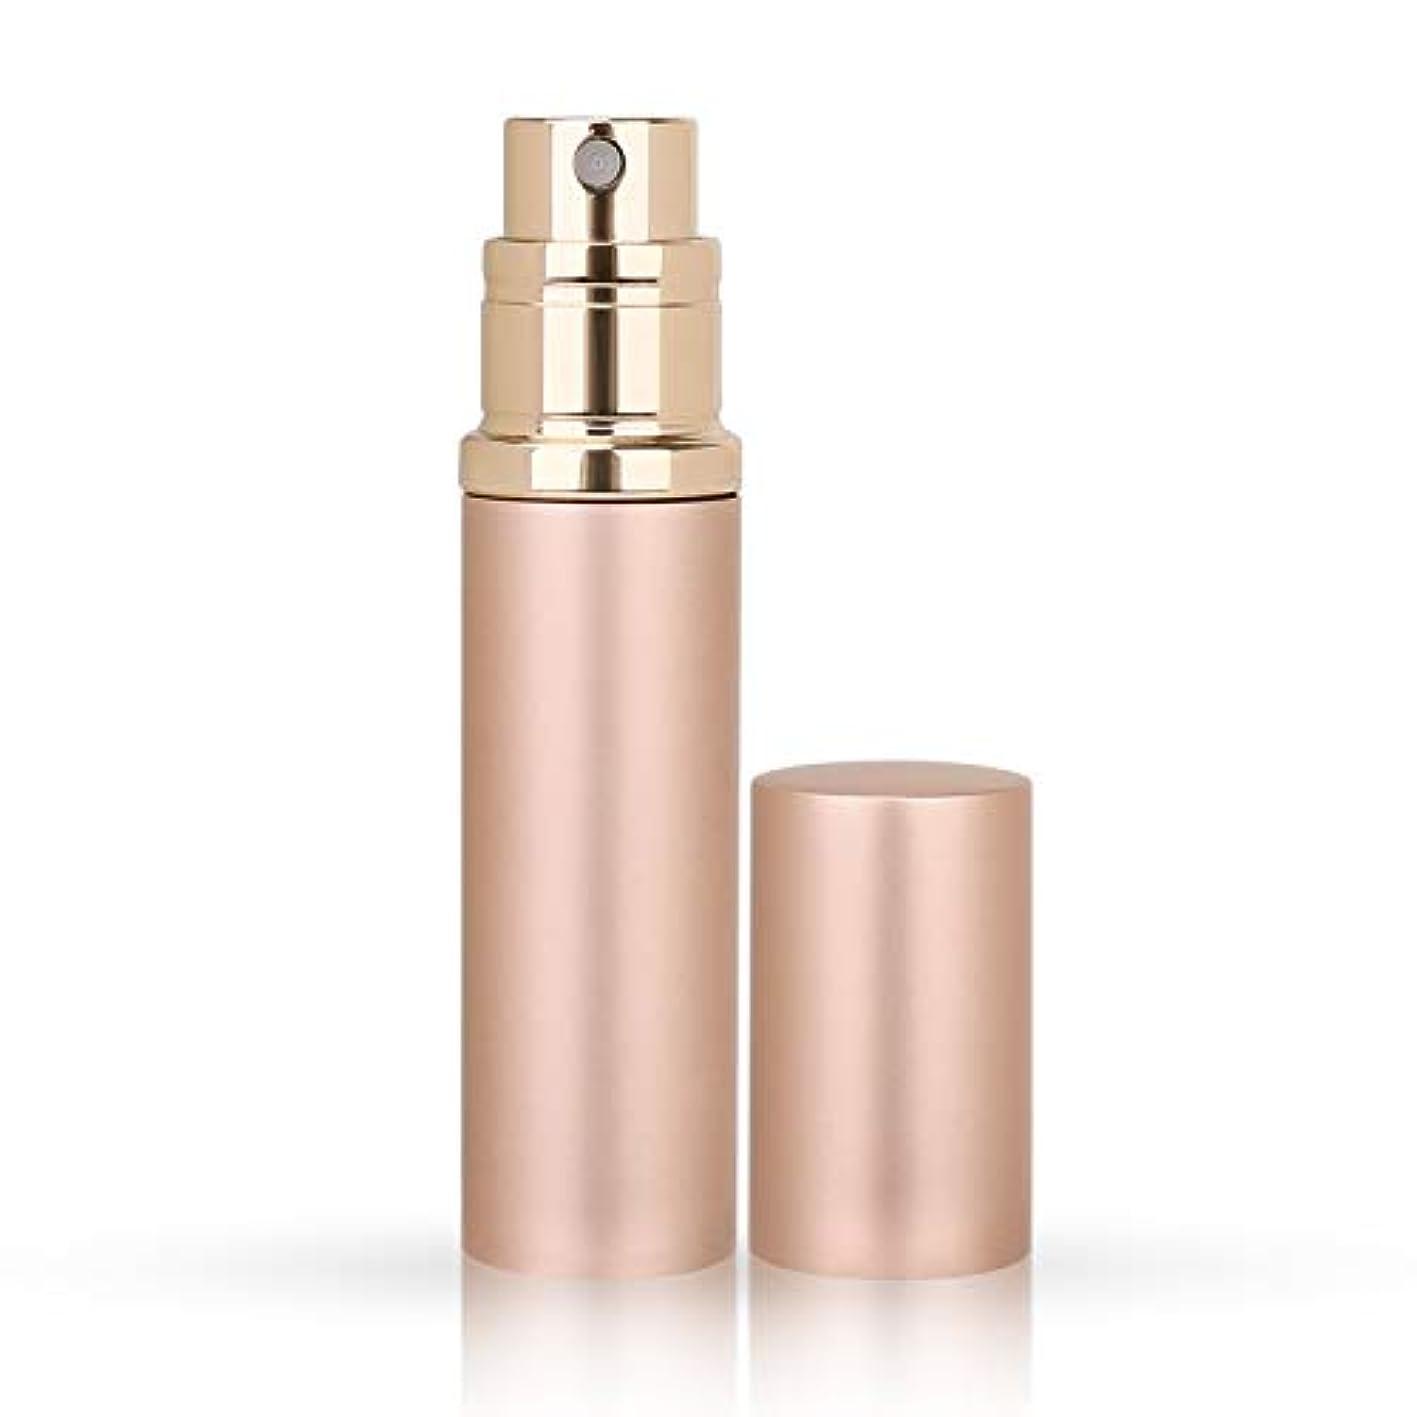 予約ロースト映画MOOMU アトマイザー 香水スプレー 噴霧器 詰め替え容器 底部充填方式 携帯用5ml (ローズゴ-ルド RoseGold)